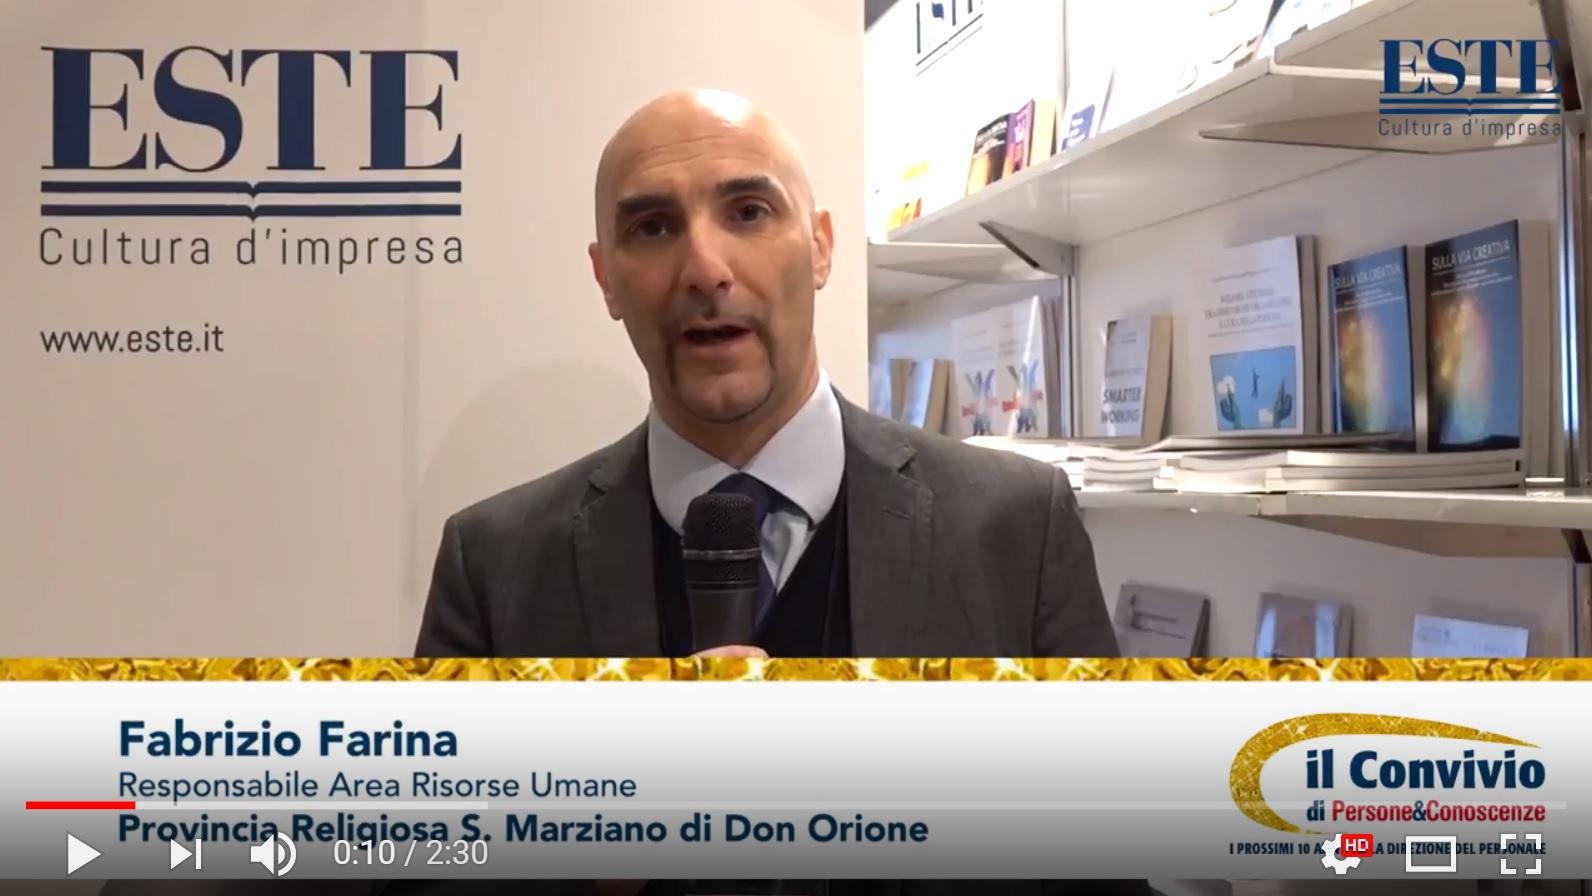 Farina Don Orione